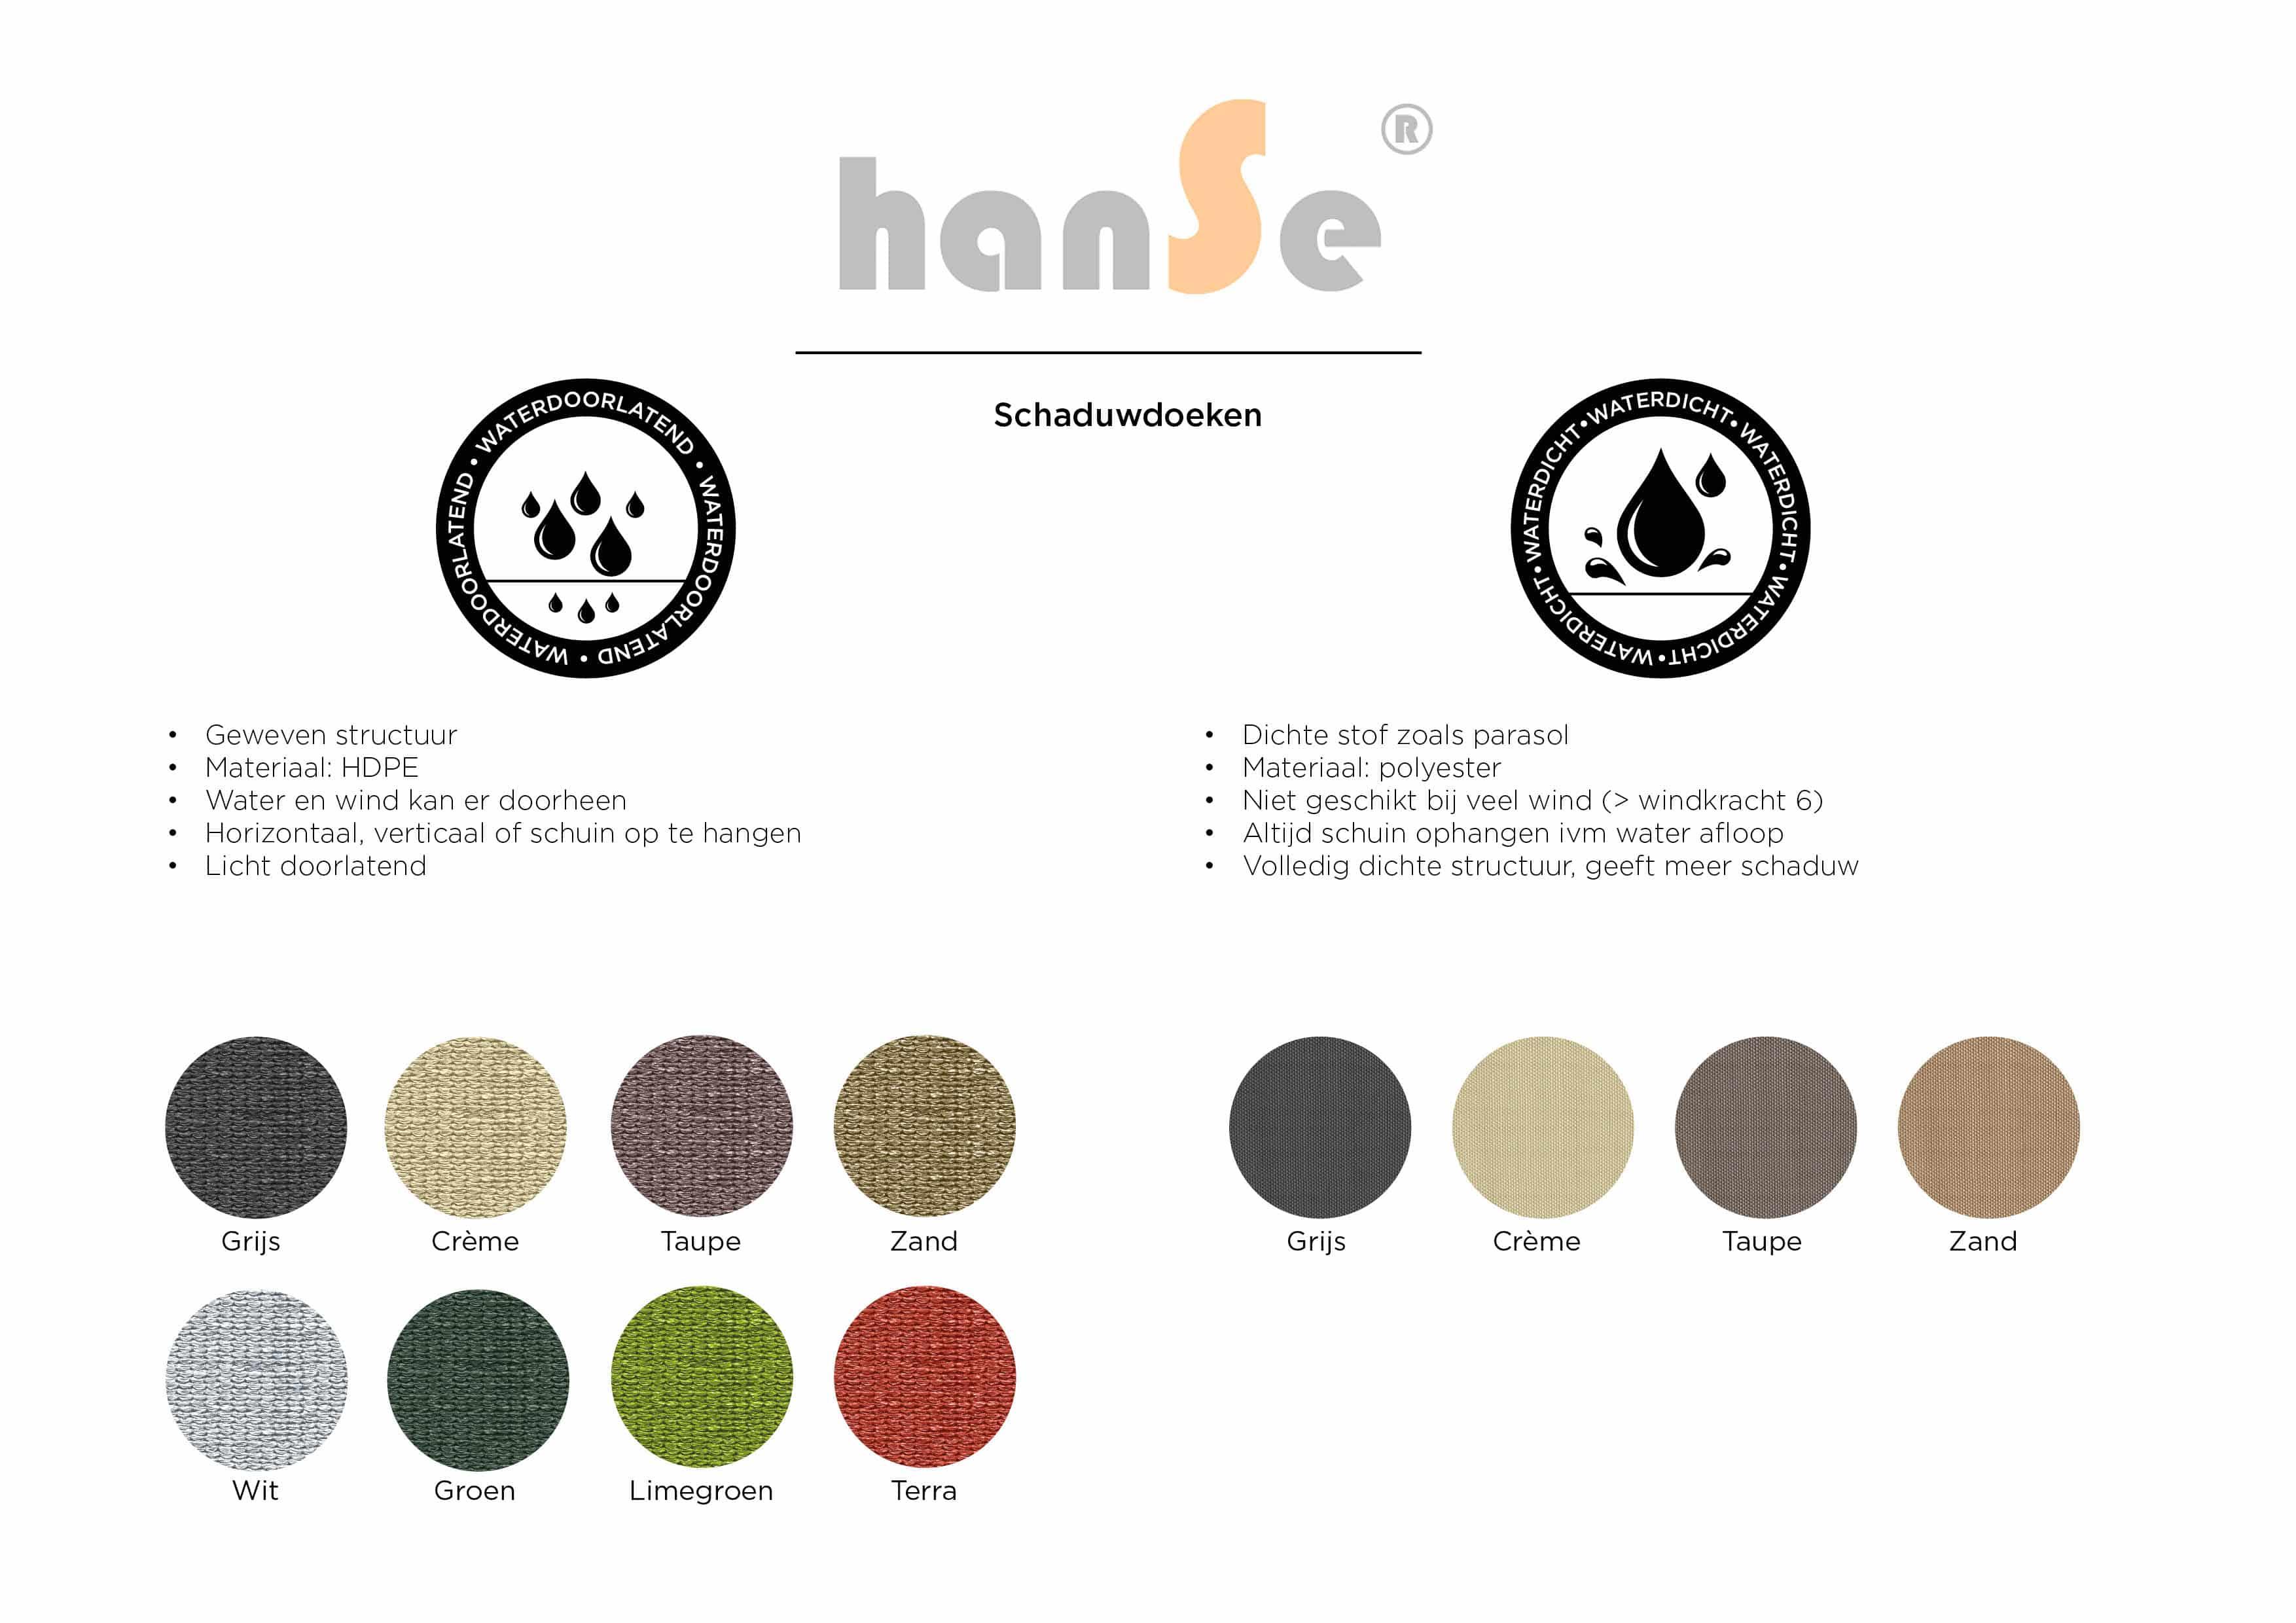 hanSe® Schaduwdoek Driehoek Waterdicht 4,5x4,5x4,5 m - Grijs